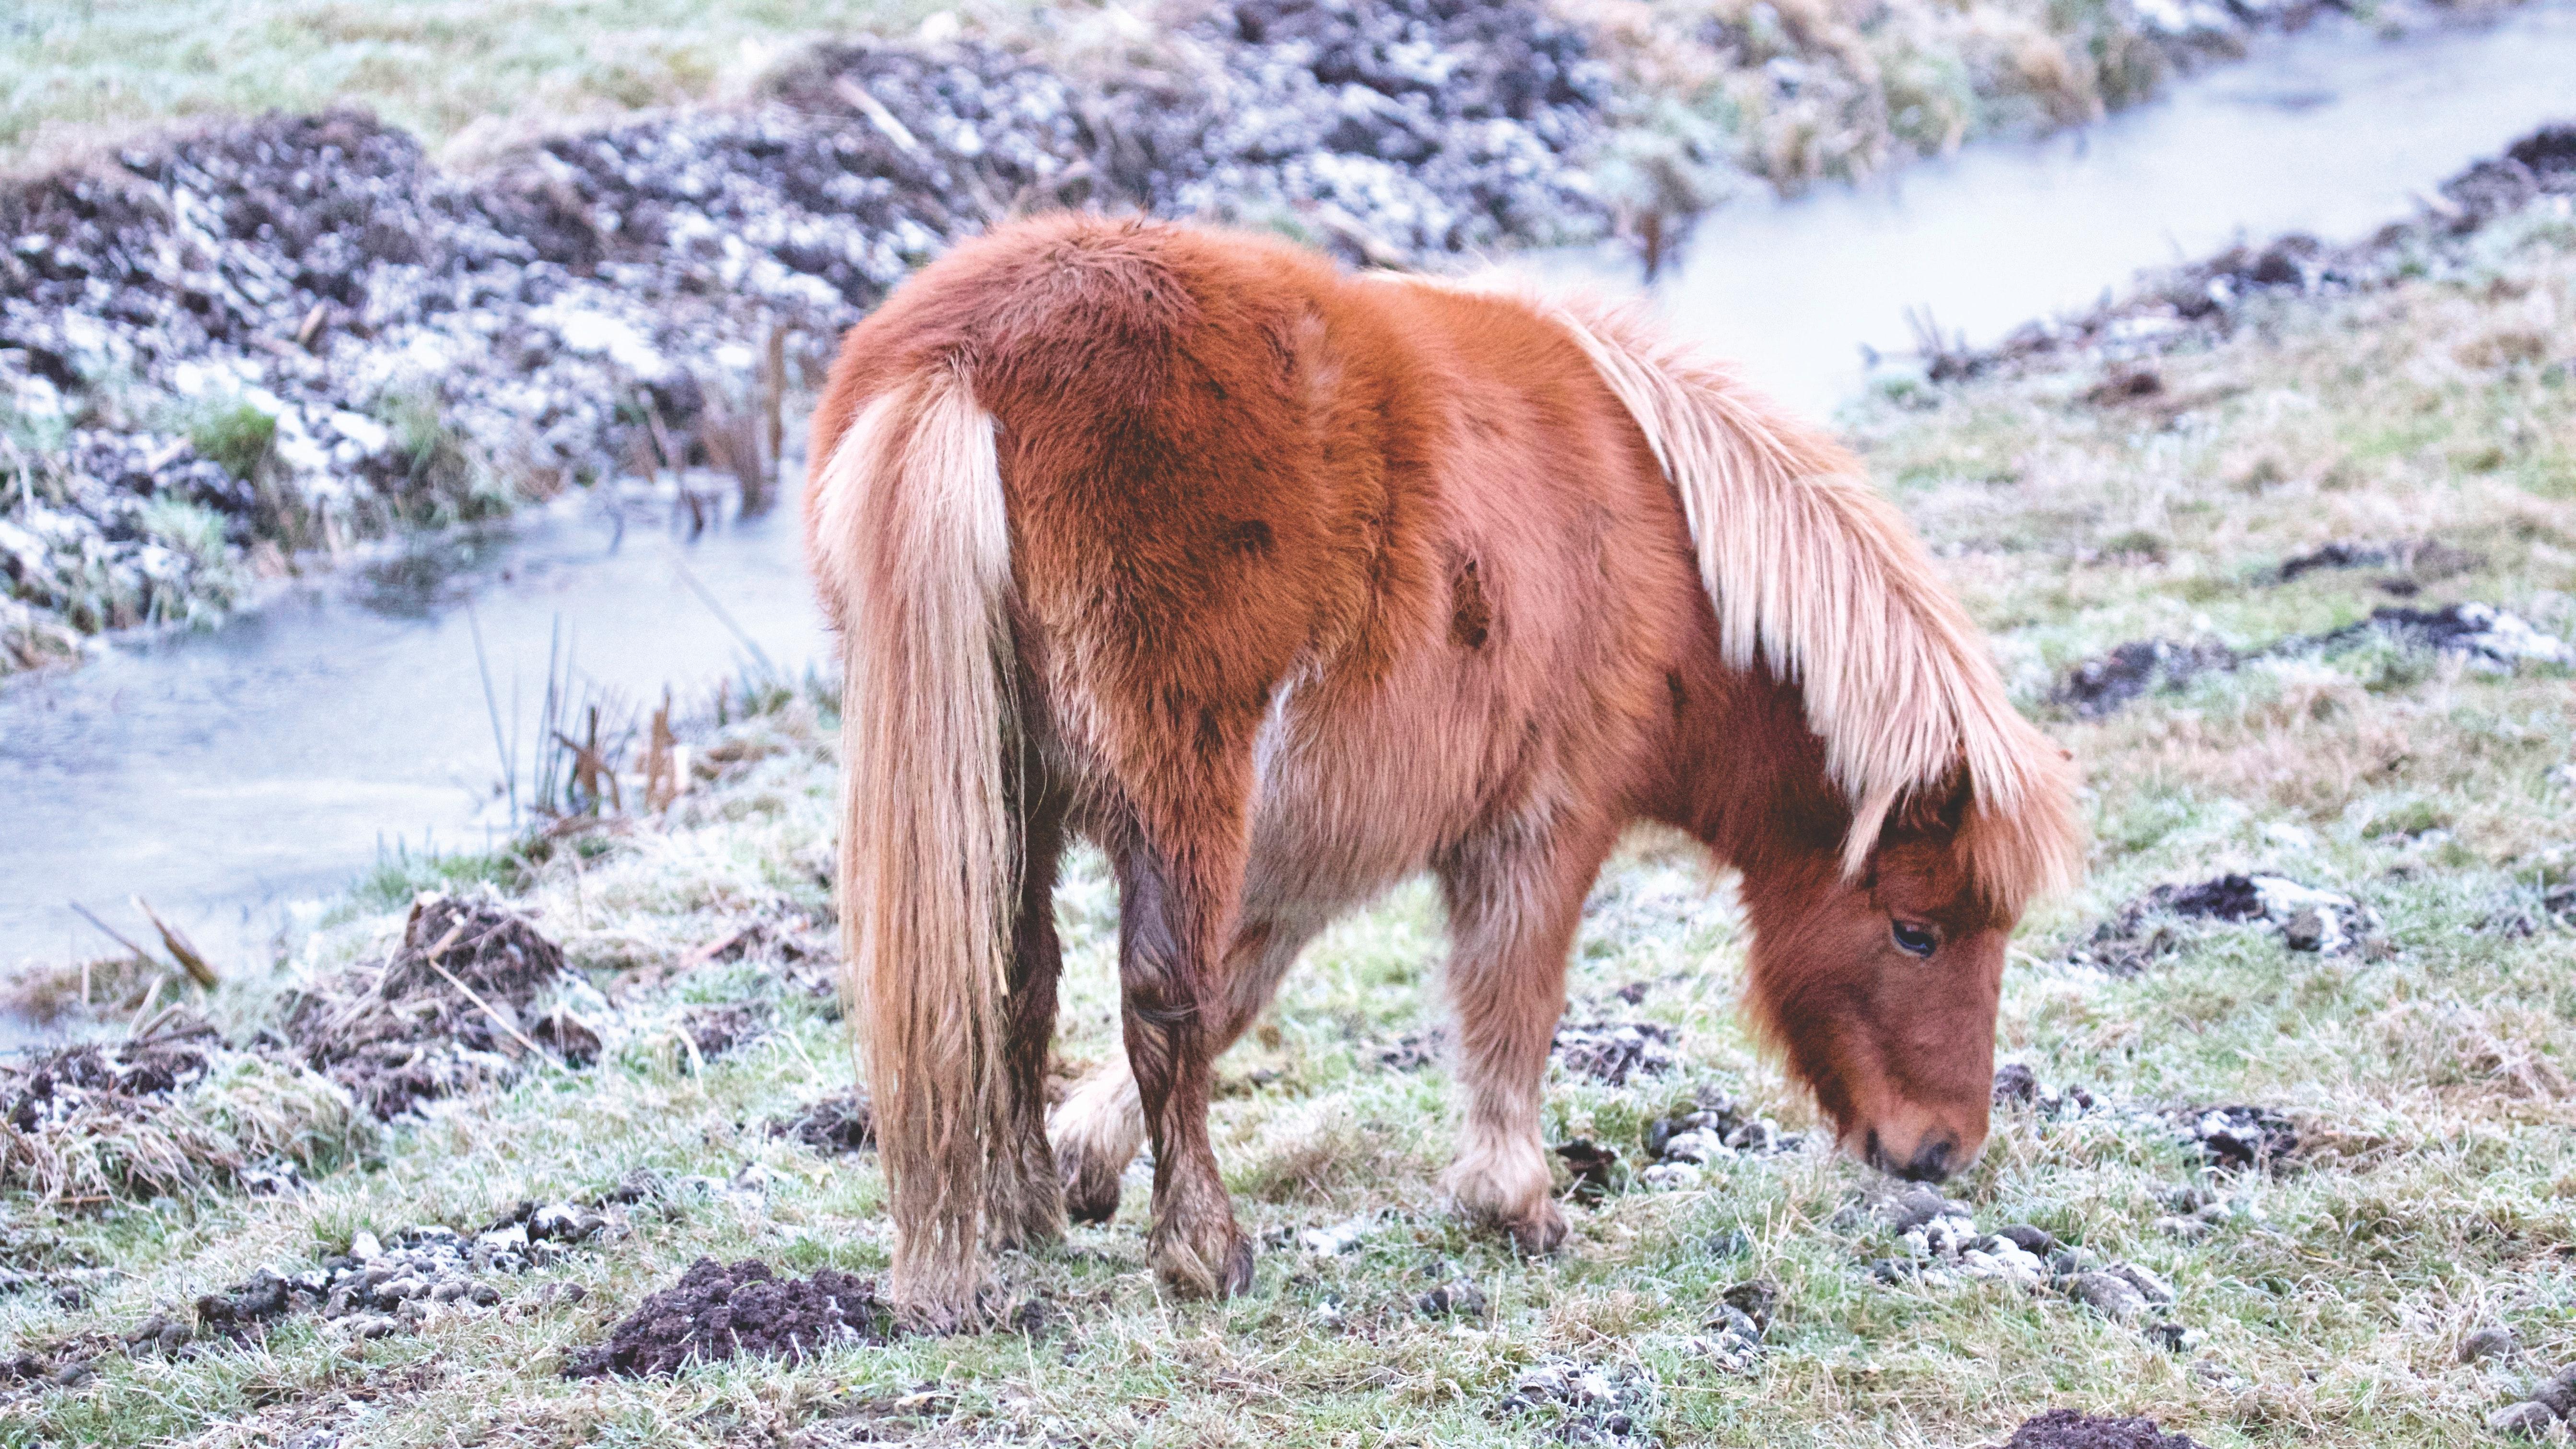 Horse on field photo